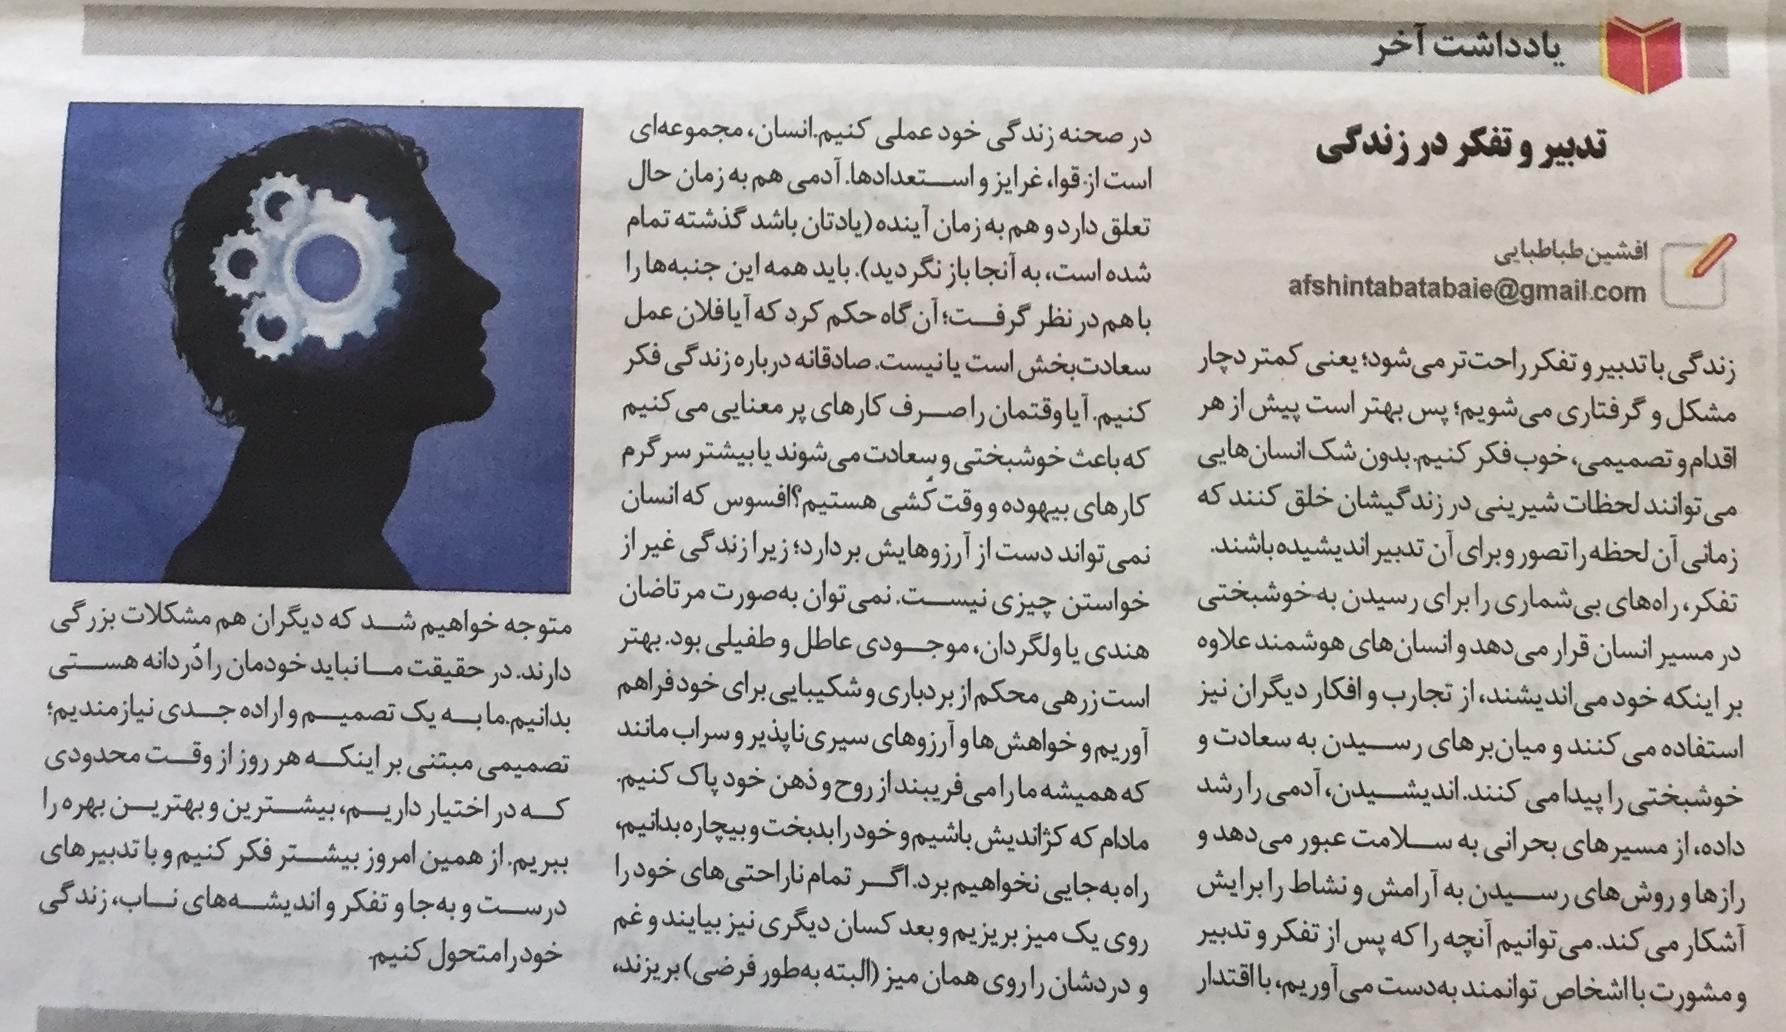 روزنامه: تدبیر و تفکر در زندگی - دکتر طباطبایی